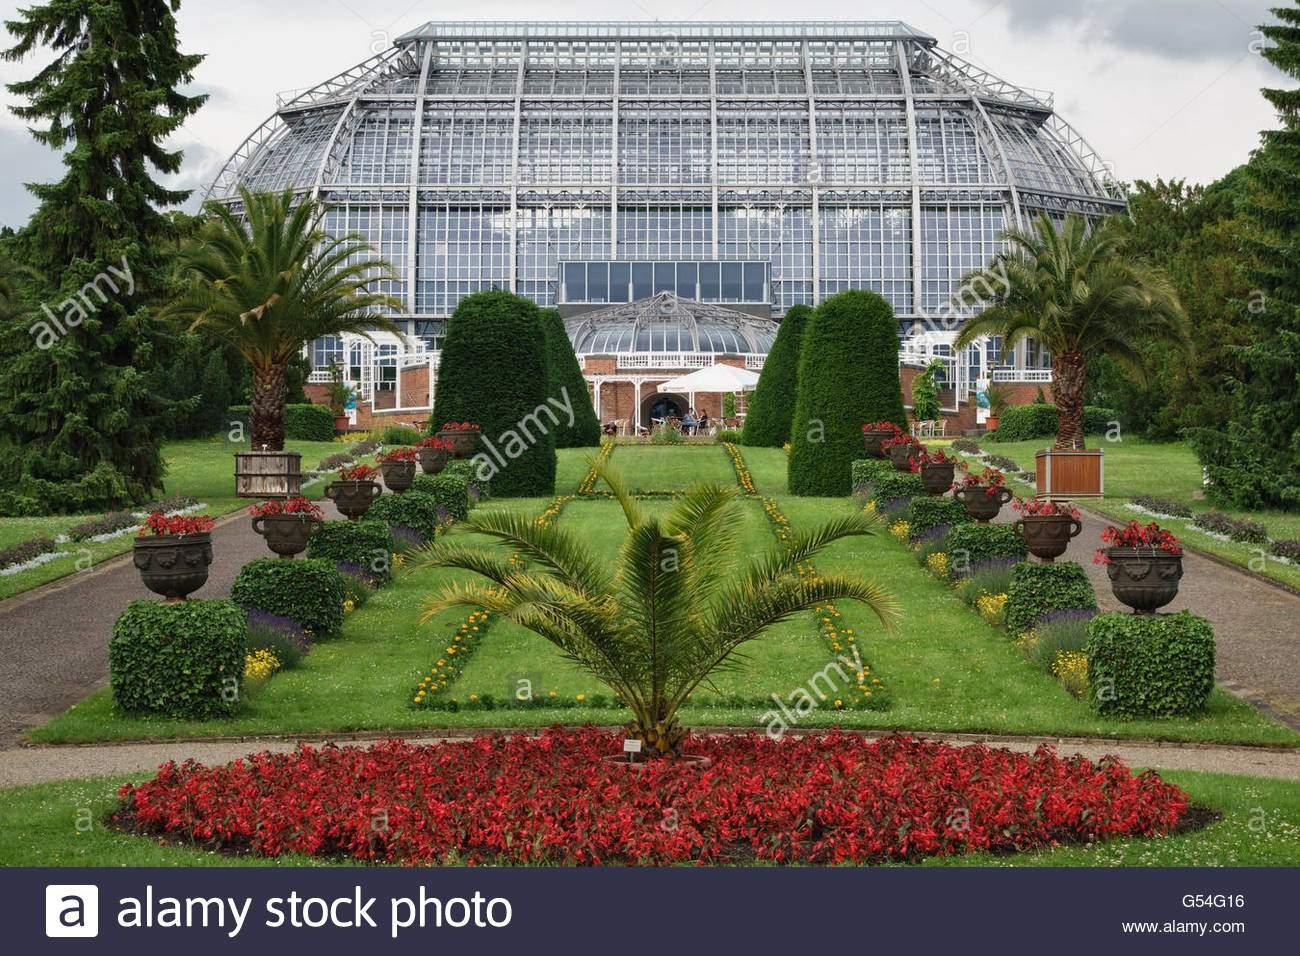 berlin deutschland der botanische garten berlin dahlem wichtigsten tropischen gewachshaus g54g16